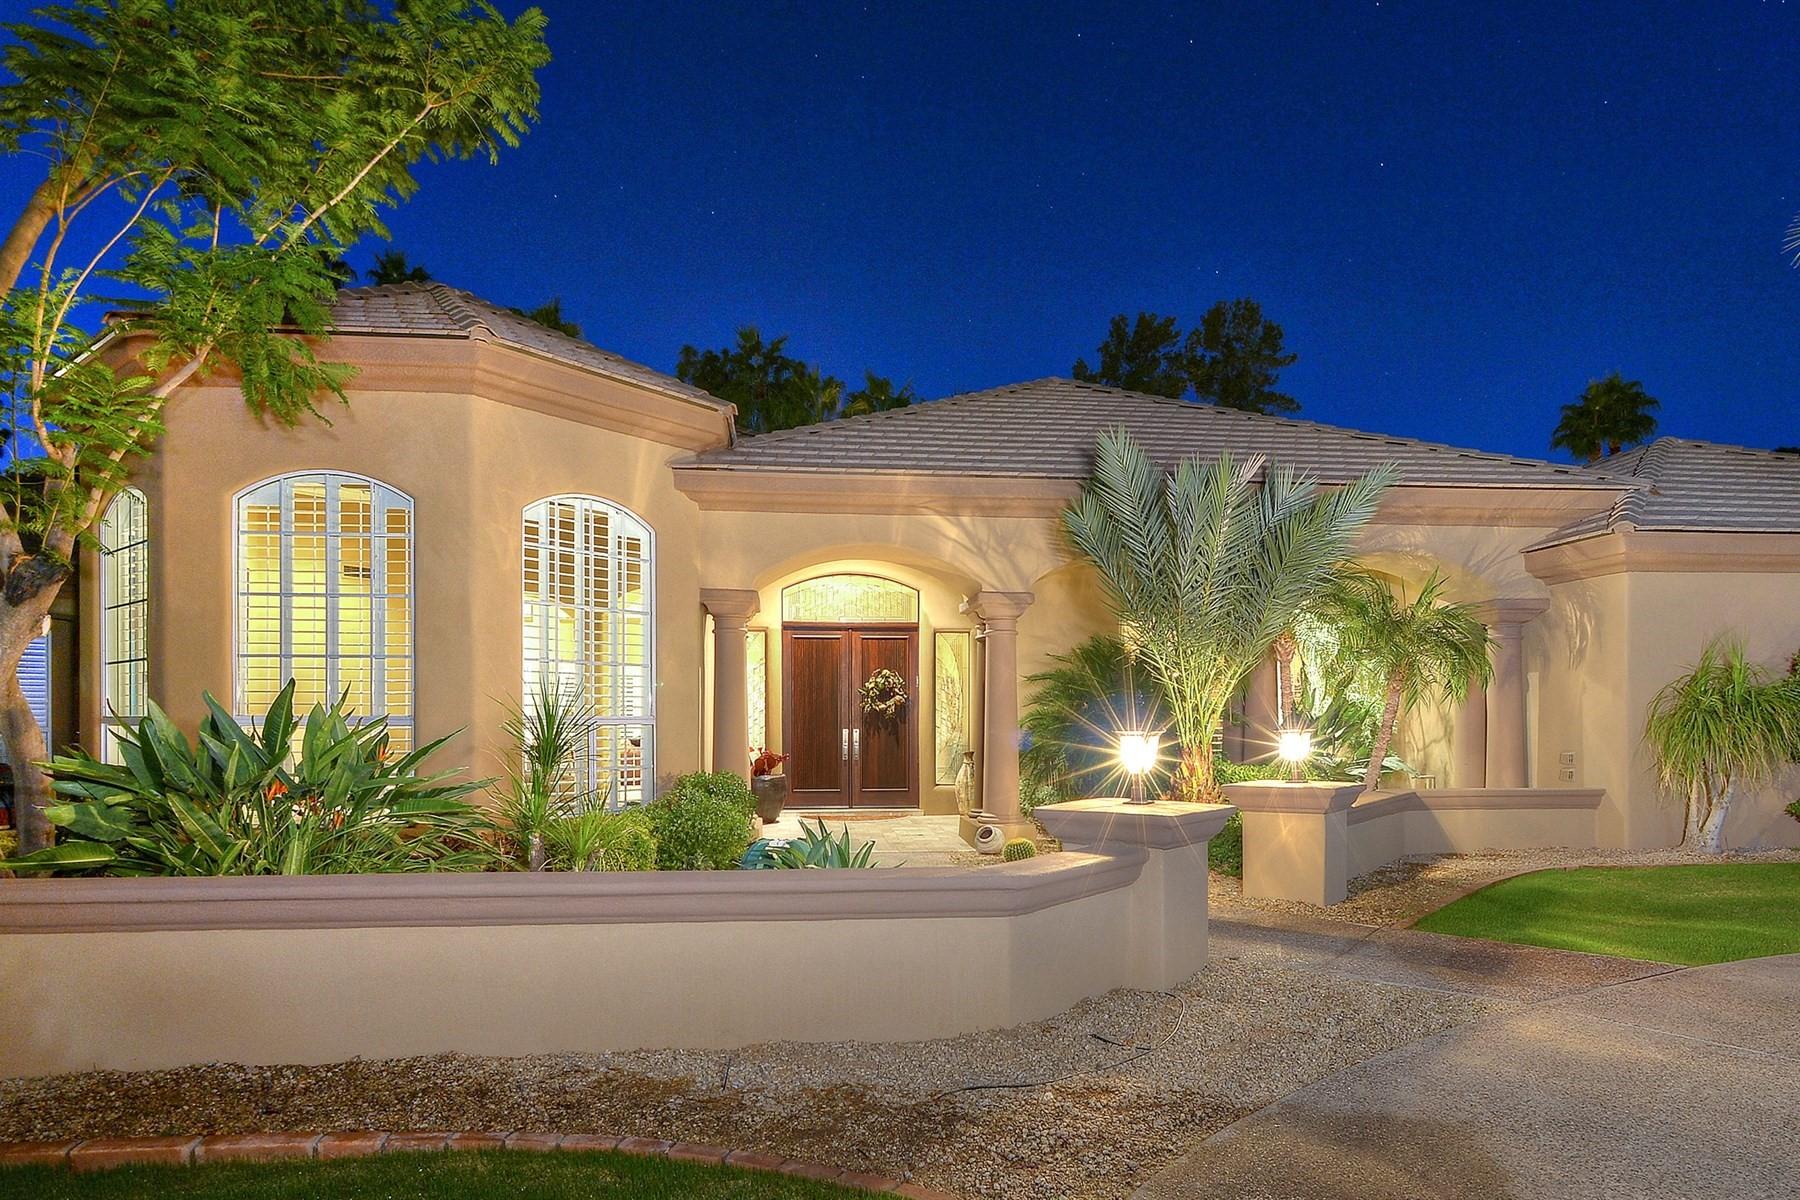 단독 가정 주택 용 매매 에 Executive home in well known PV gated community 8302 N Canta Redondo Street Paradise Valley, 아리조나, 85253 미국